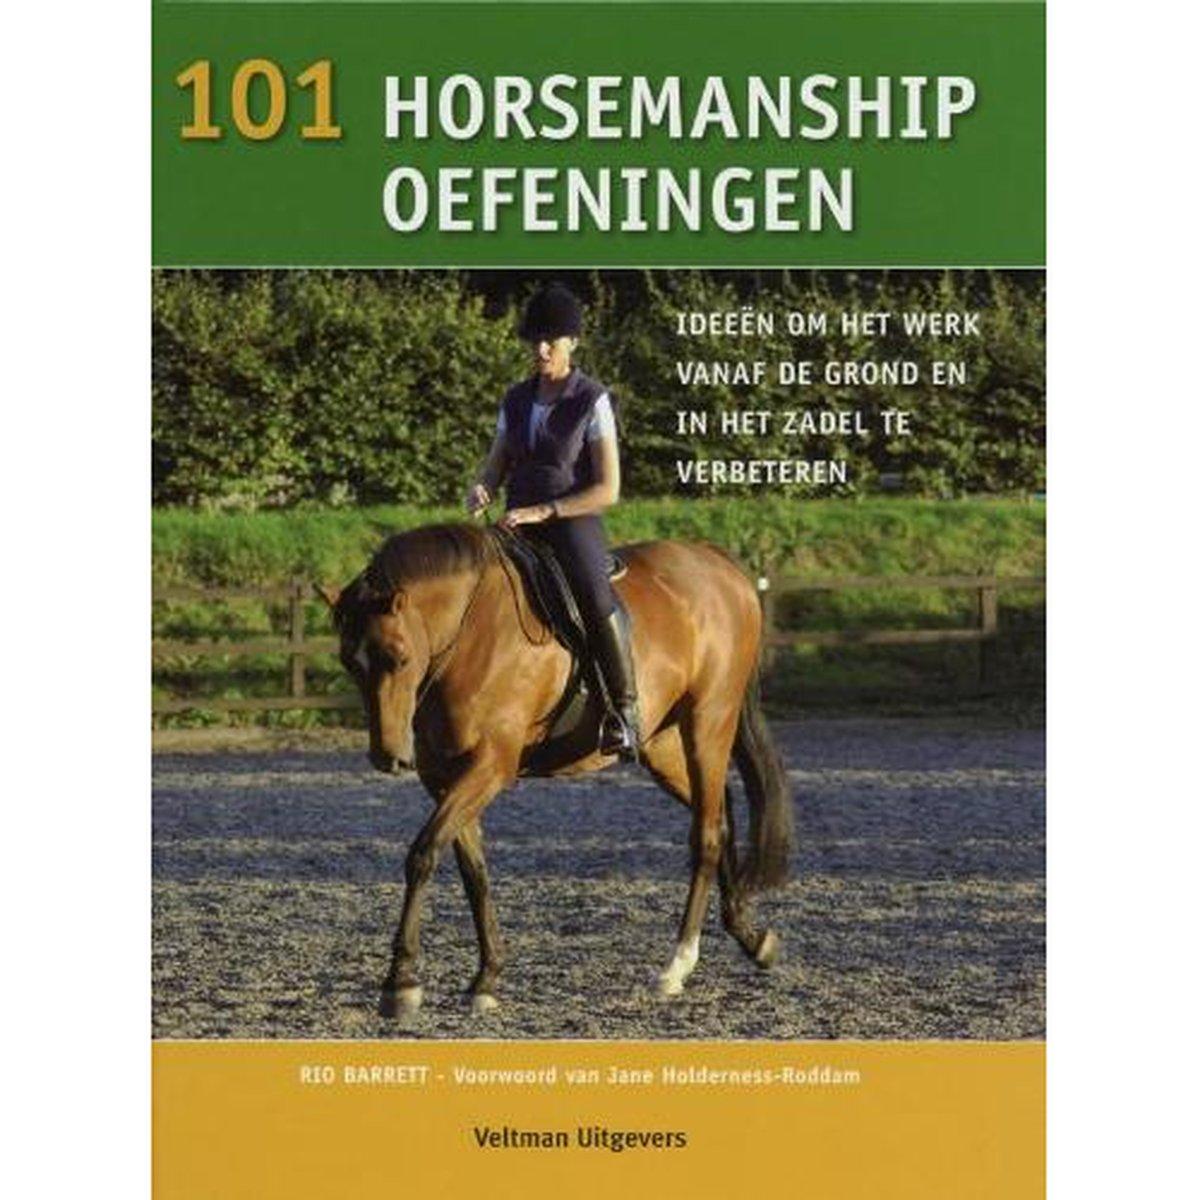 Afbeelding van 101 Horsemanship oefeningen